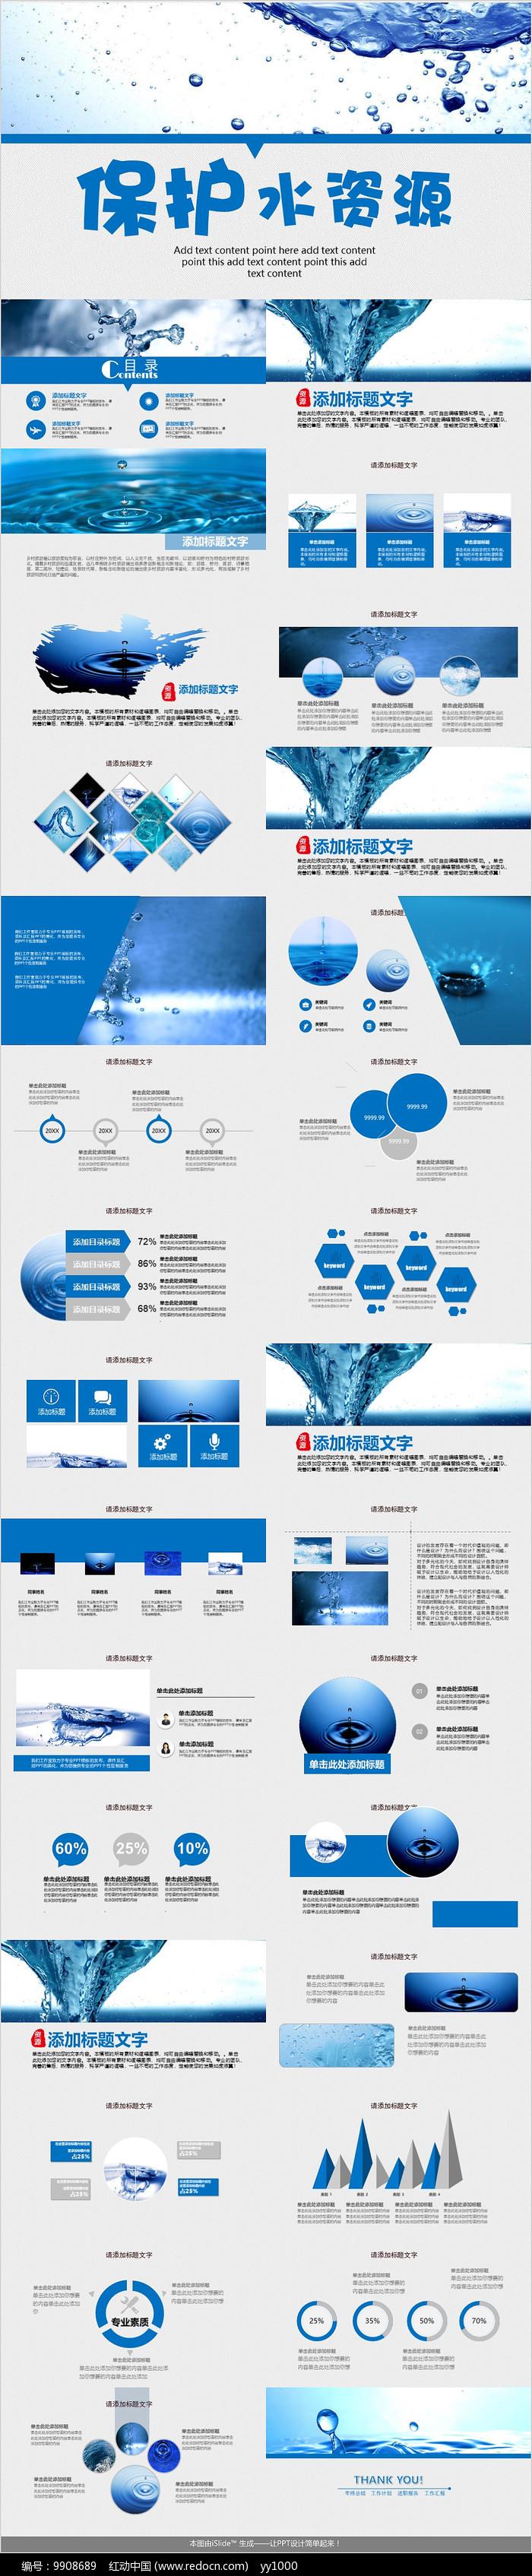 蓝色保护水资源PPT模板图片